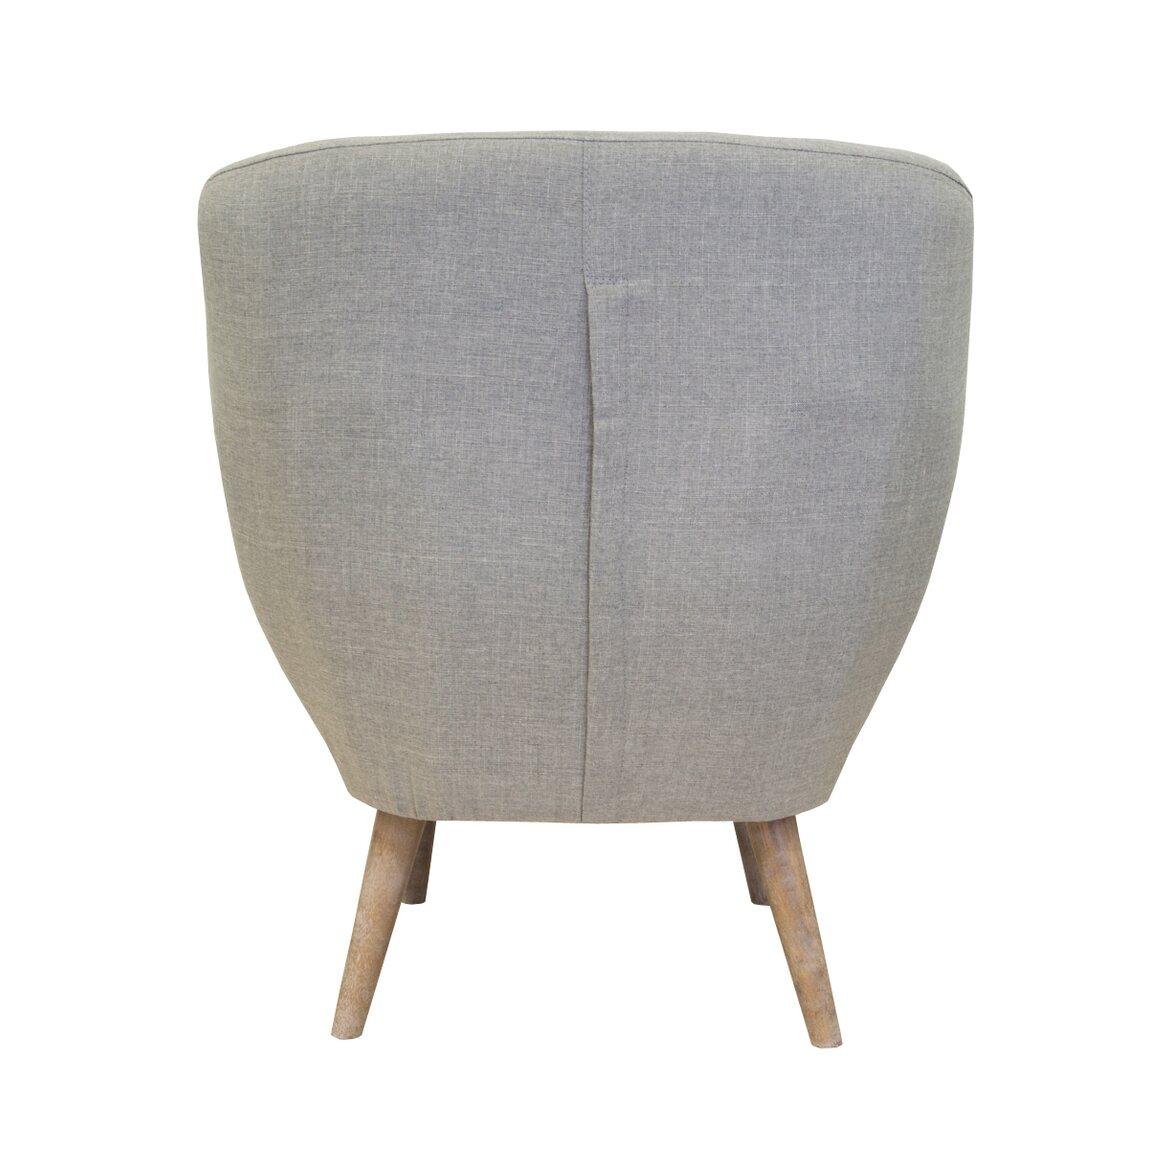 Низкое кресло Fuller grey 4 | Маленькие кресла Kingsby